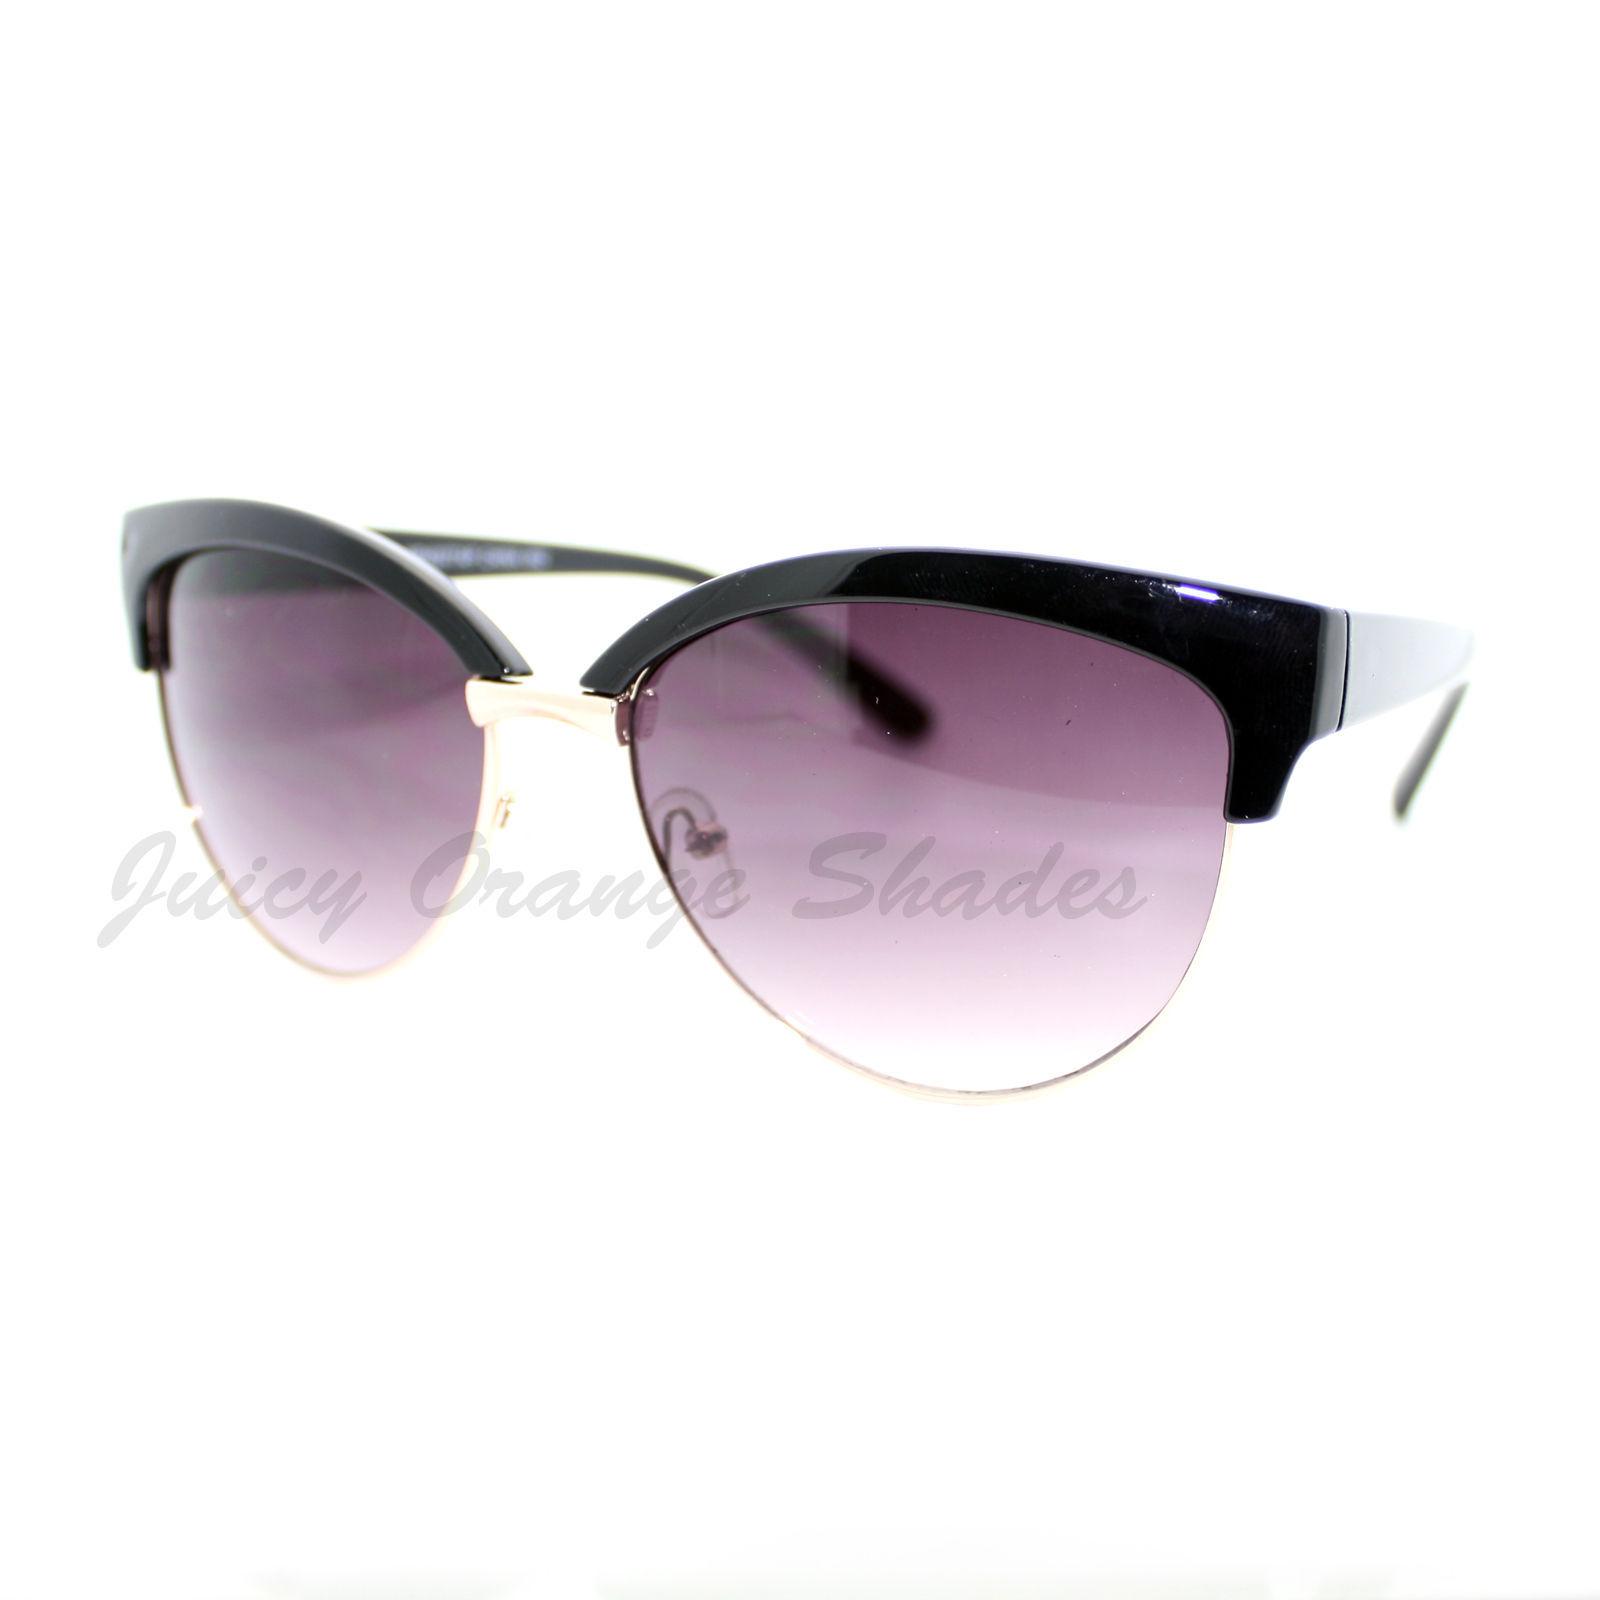 Womens Stylish Fashion Sunglasses Bolded Top Round Cateye